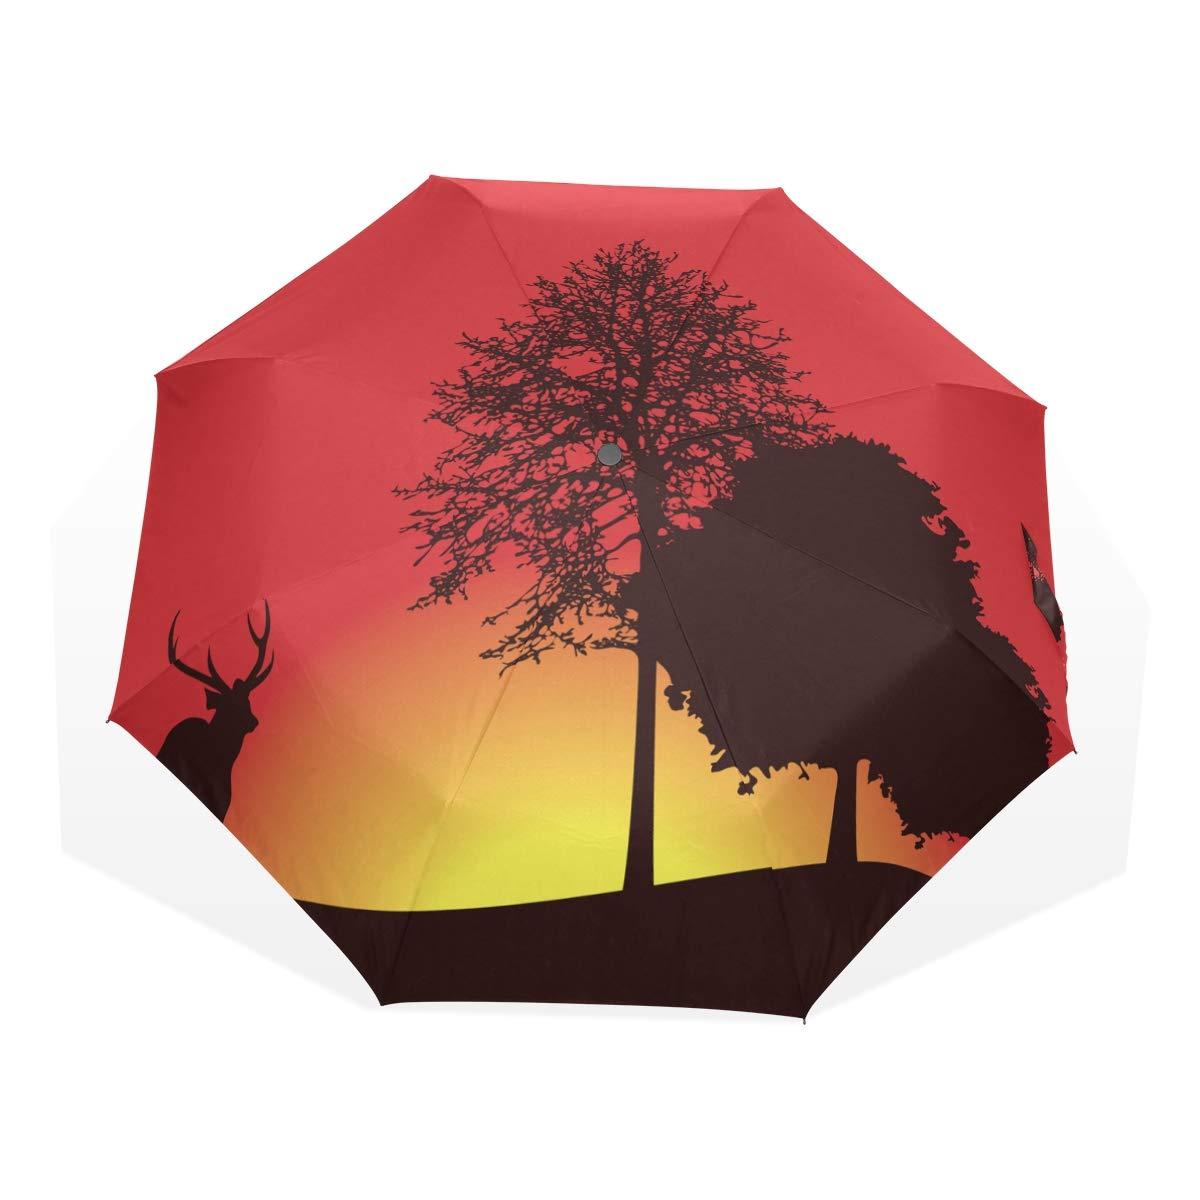 EZIOLY American Animaux Sauvages Deer Elk Arbres Jour de Voyage Parapluie Pliable Compact Soleil et de la Pluie Protection Coupe-Vent Portable Parapluie pour Enfants Femmes Hommes